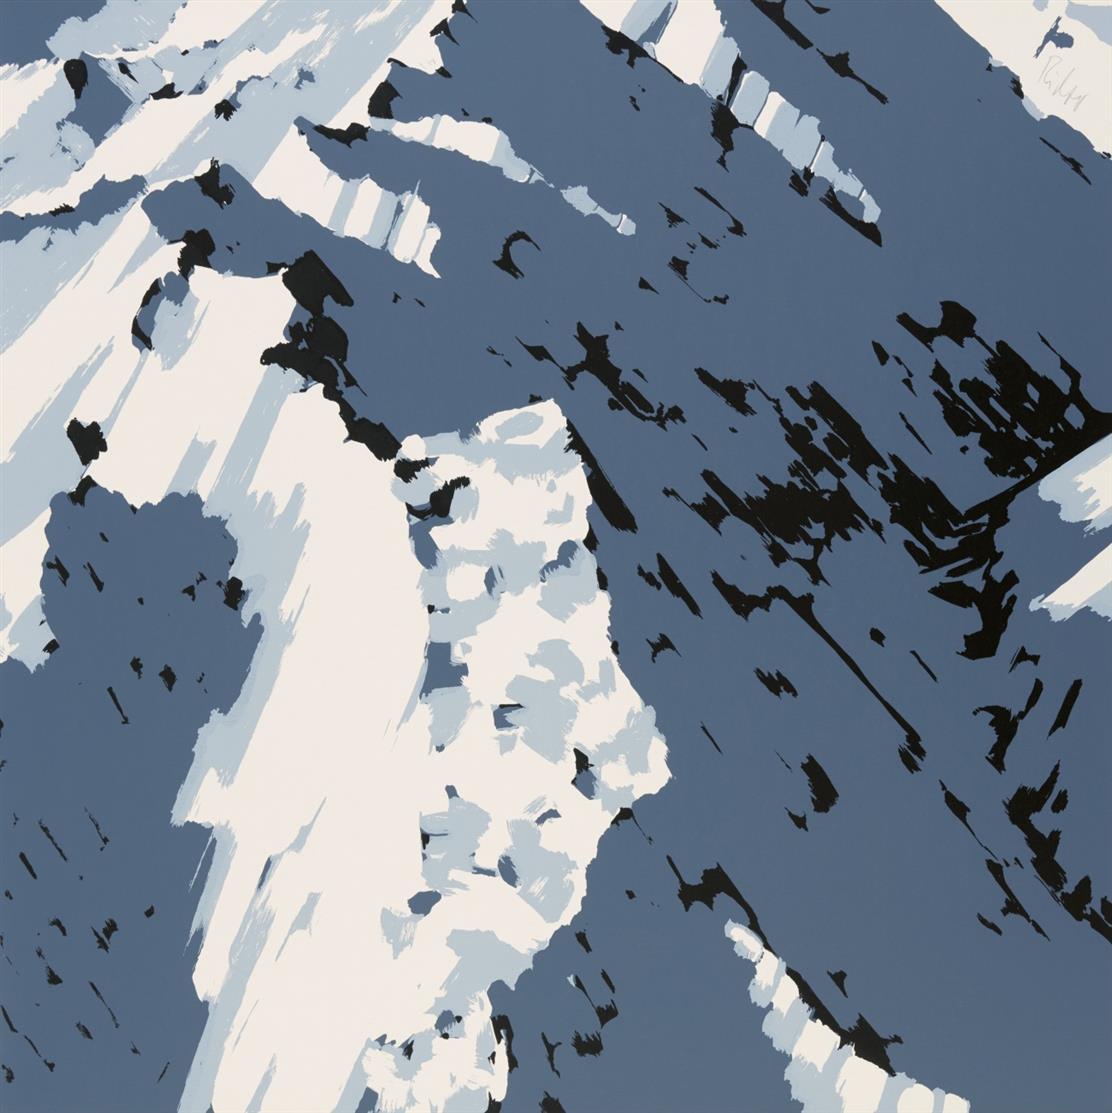 Gerhard Richter. Schweizer Alpen A2. 1969. Farbserigraphie. Signiert. Griffelkunst. Butin, aus 20.